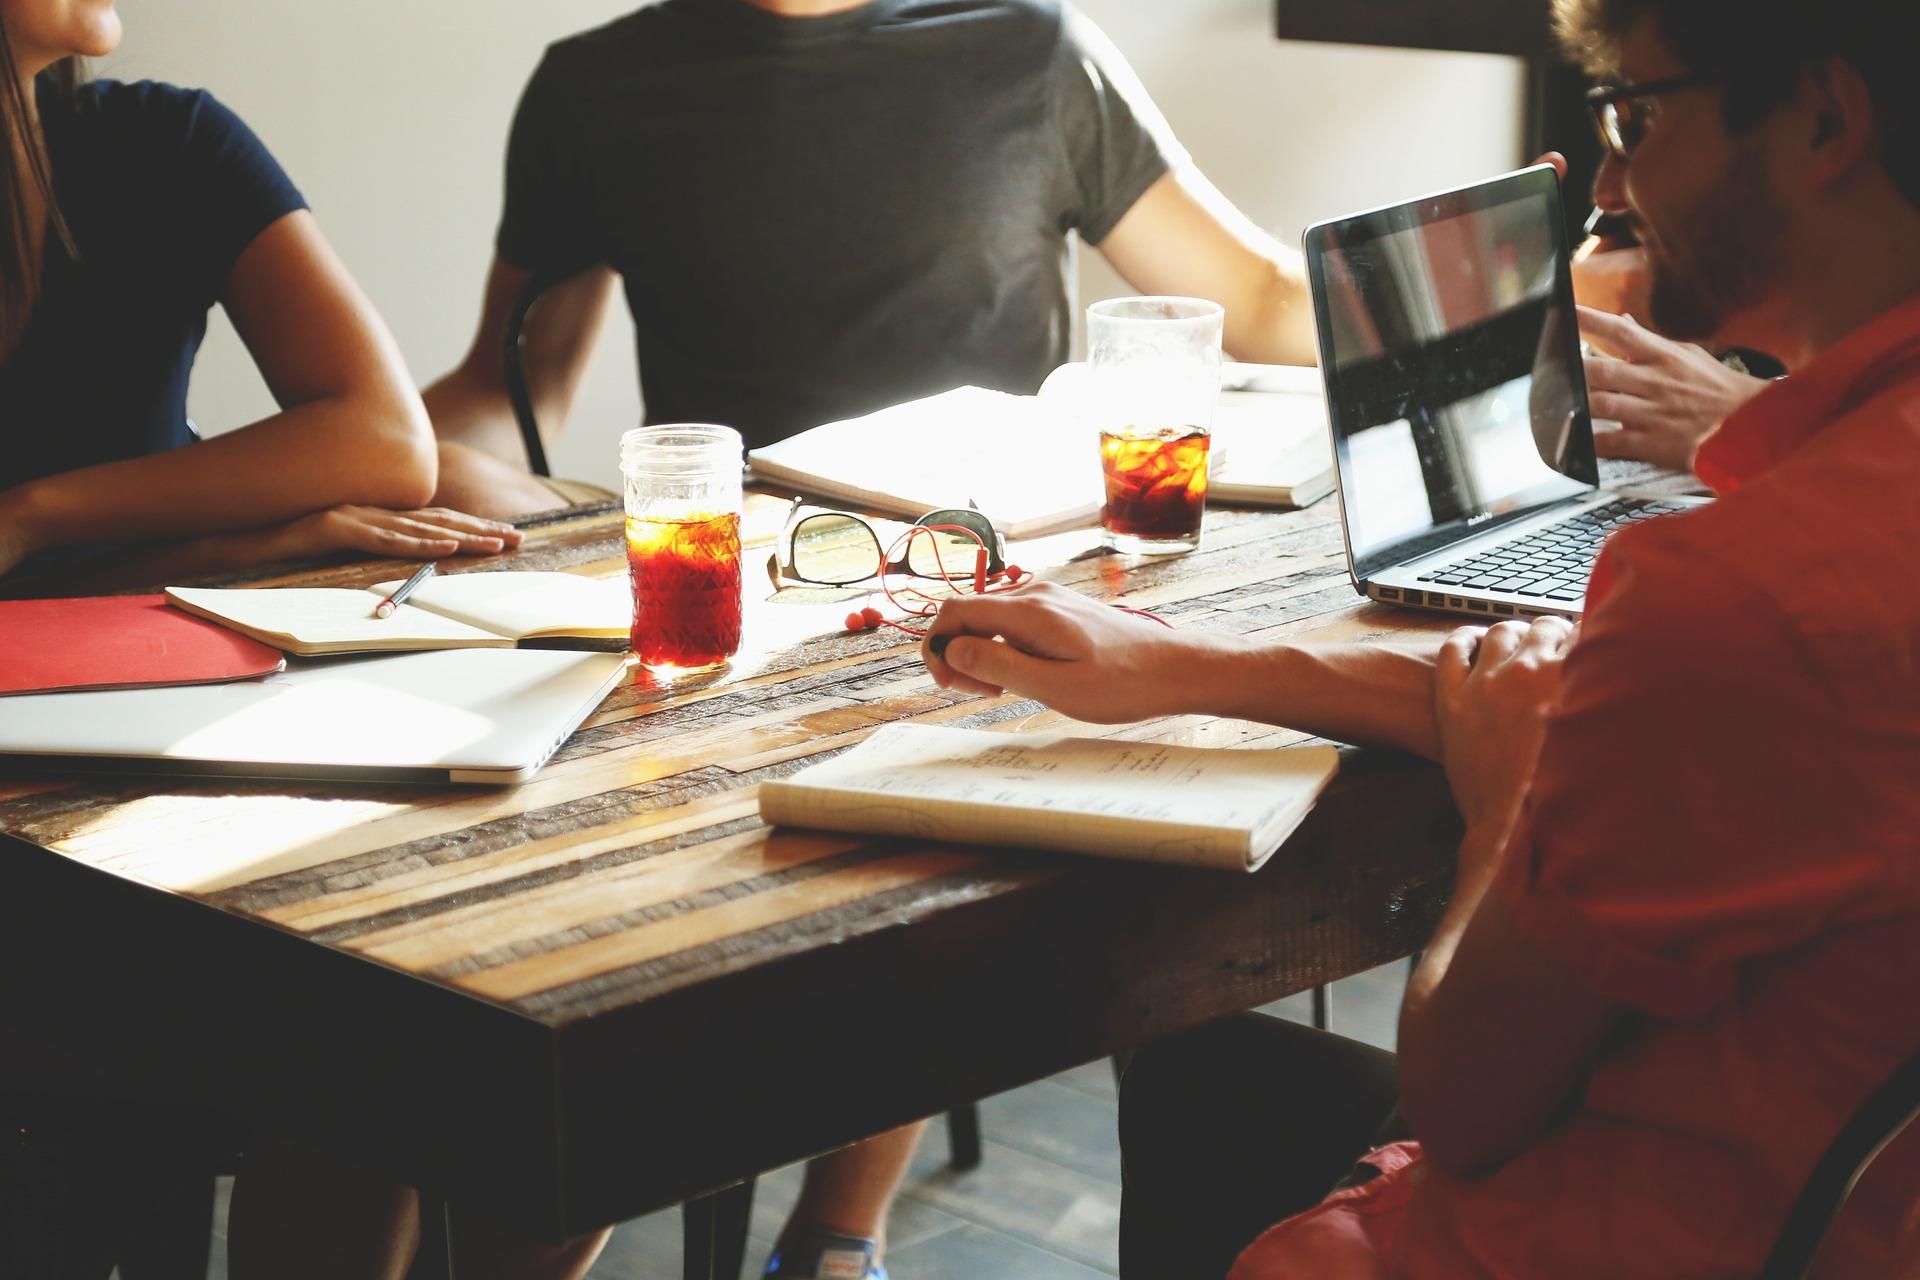 Etabliert sich das Coworking-Modell in klassischen Unternehmen?